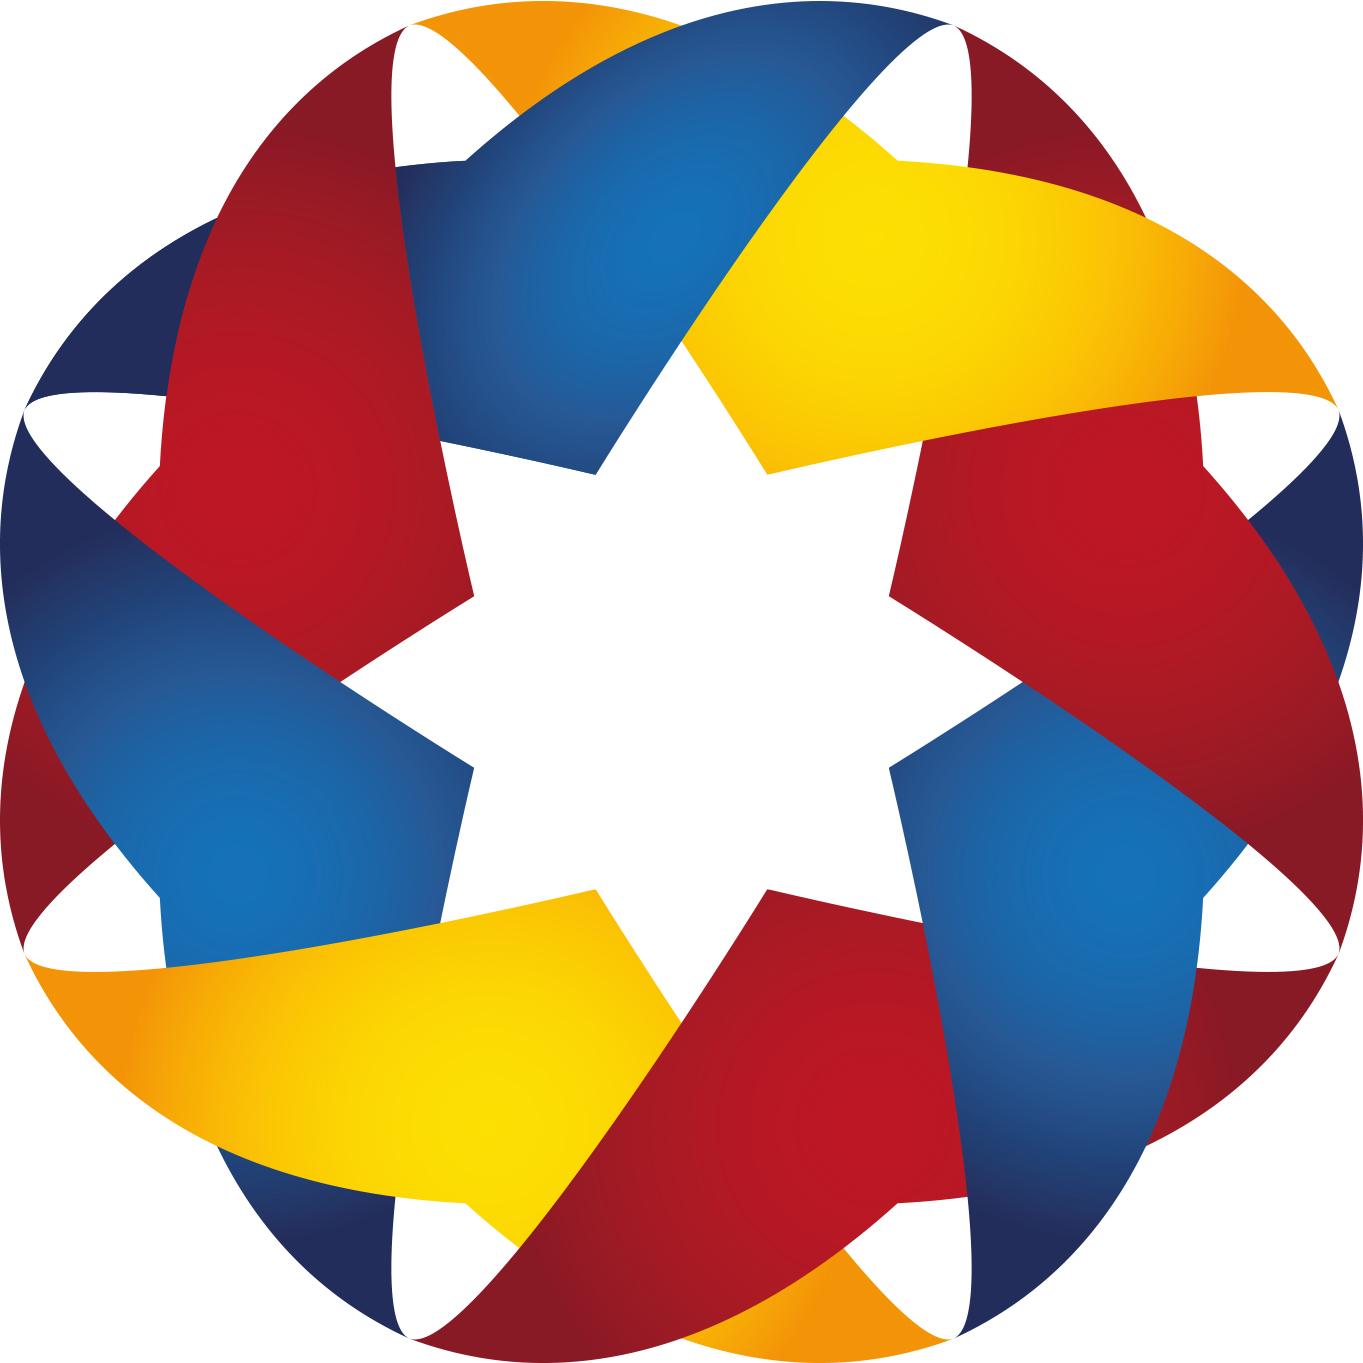 Boundless 2015 logo downloads jpeg 419 kb biocorpaavc Choice Image